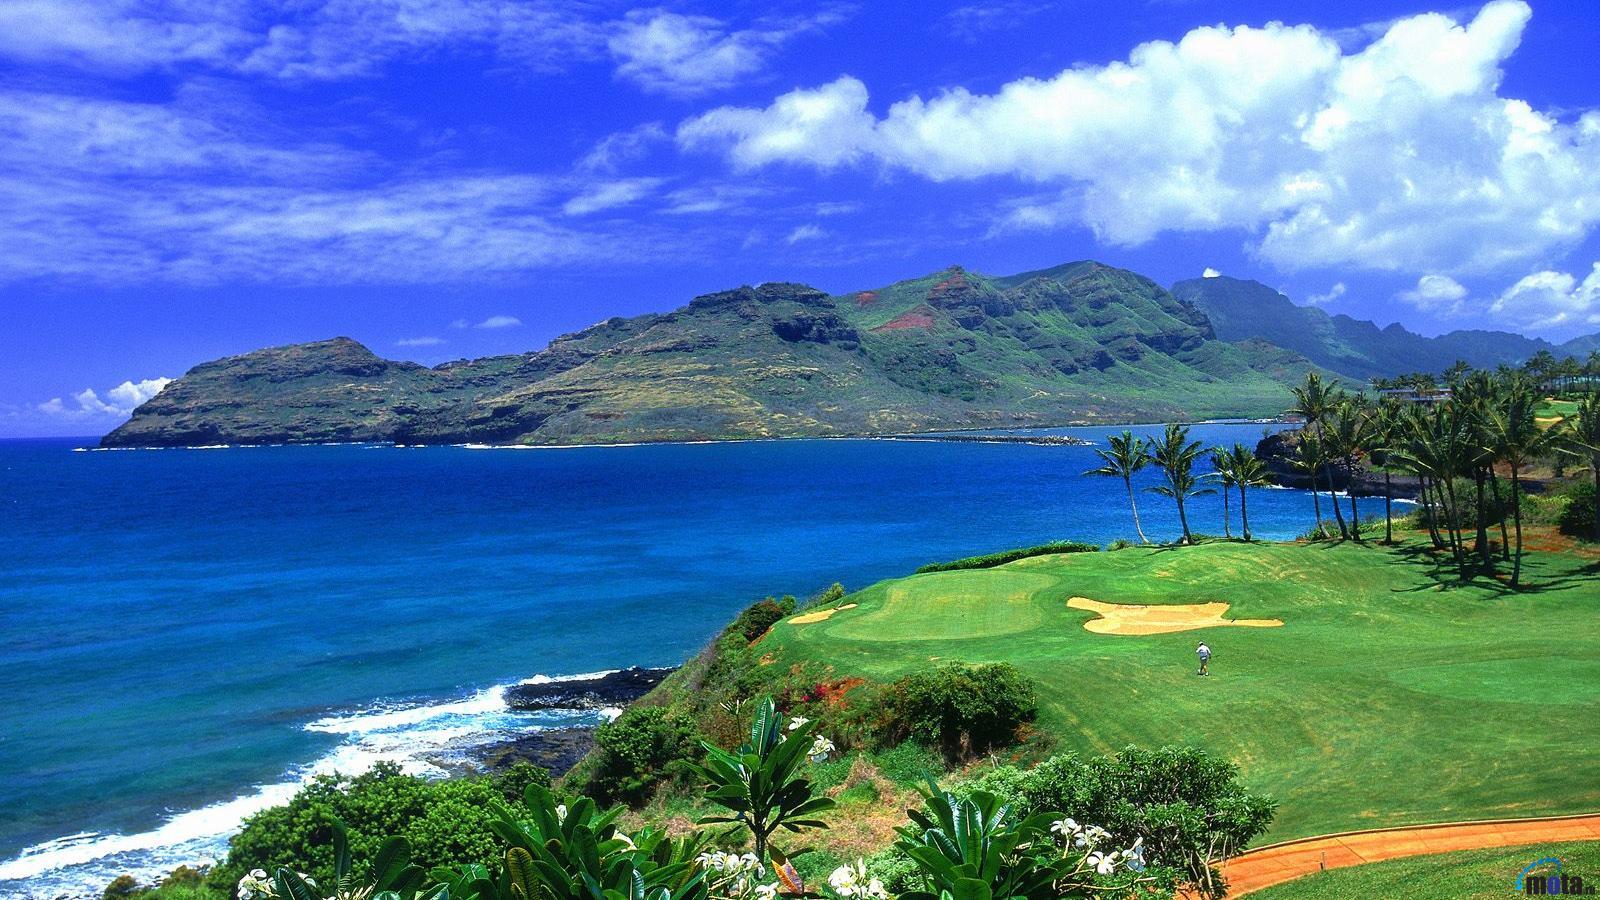 Wallpaper Golf Course in Hawaii 1600 x 900 widescreen Desktop 1600x900